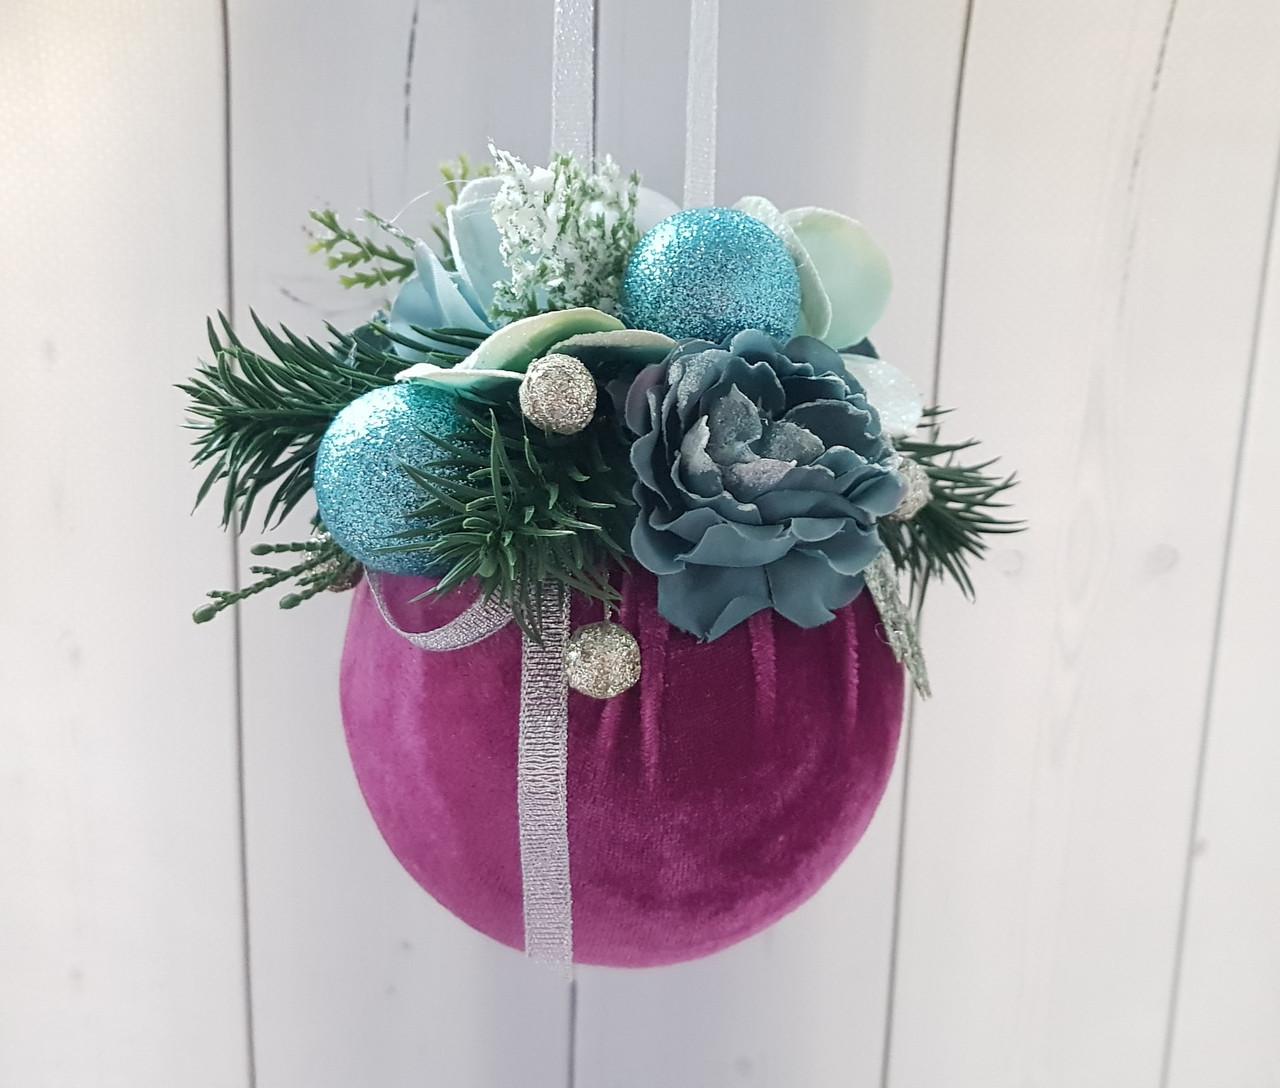 Елочное украшение Шар бархатный розовый Color Christmas Collection 10 см с декором